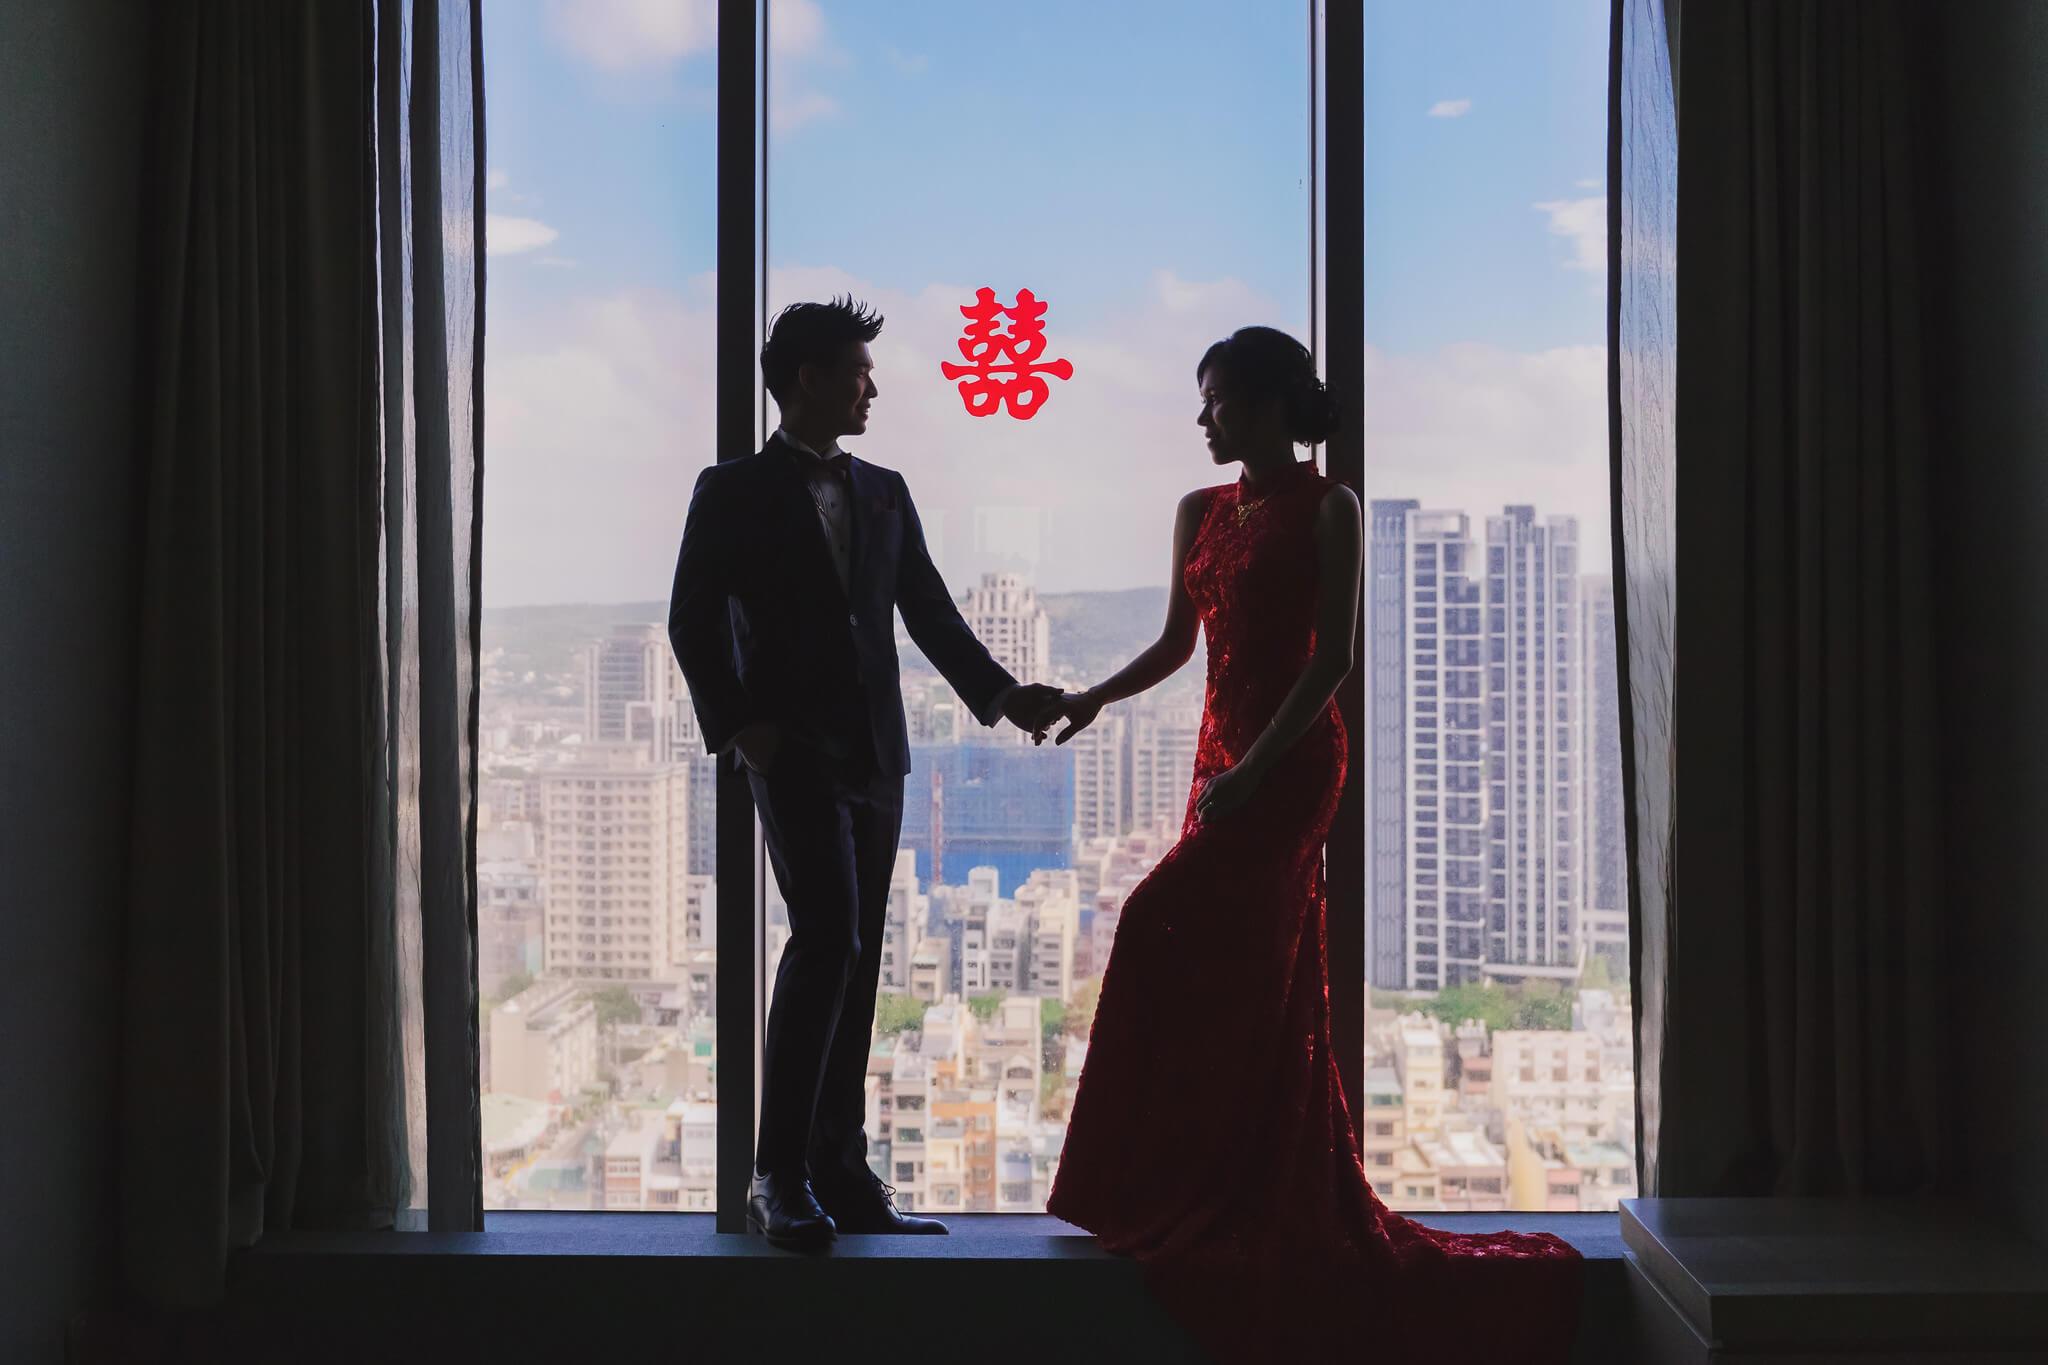 喜來登婚禮攝影,新竹婚攝,喜來登婚攝推薦,喜來登婚宴,新竹喜來登婚禮記錄,婚攝推薦,婚攝ptt推薦,婚攝作品,婚攝價格,喜來登婚禮記錄